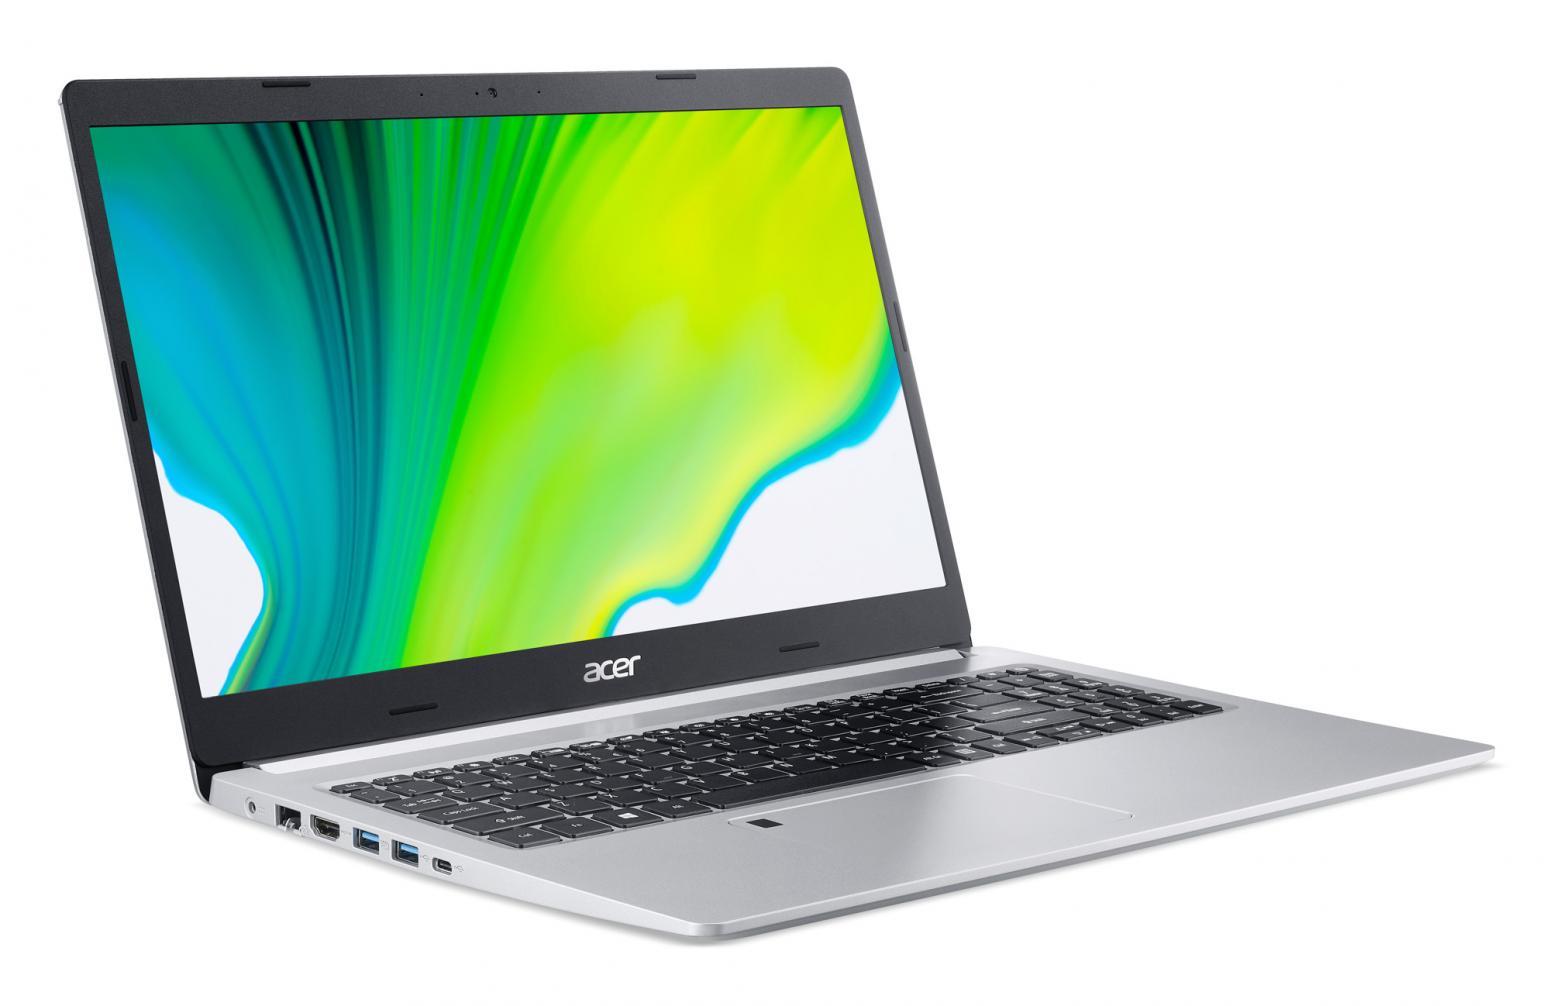 Image du PC portable Acer Aspire 5 A515-44-R622 Argent - Ryzen 7